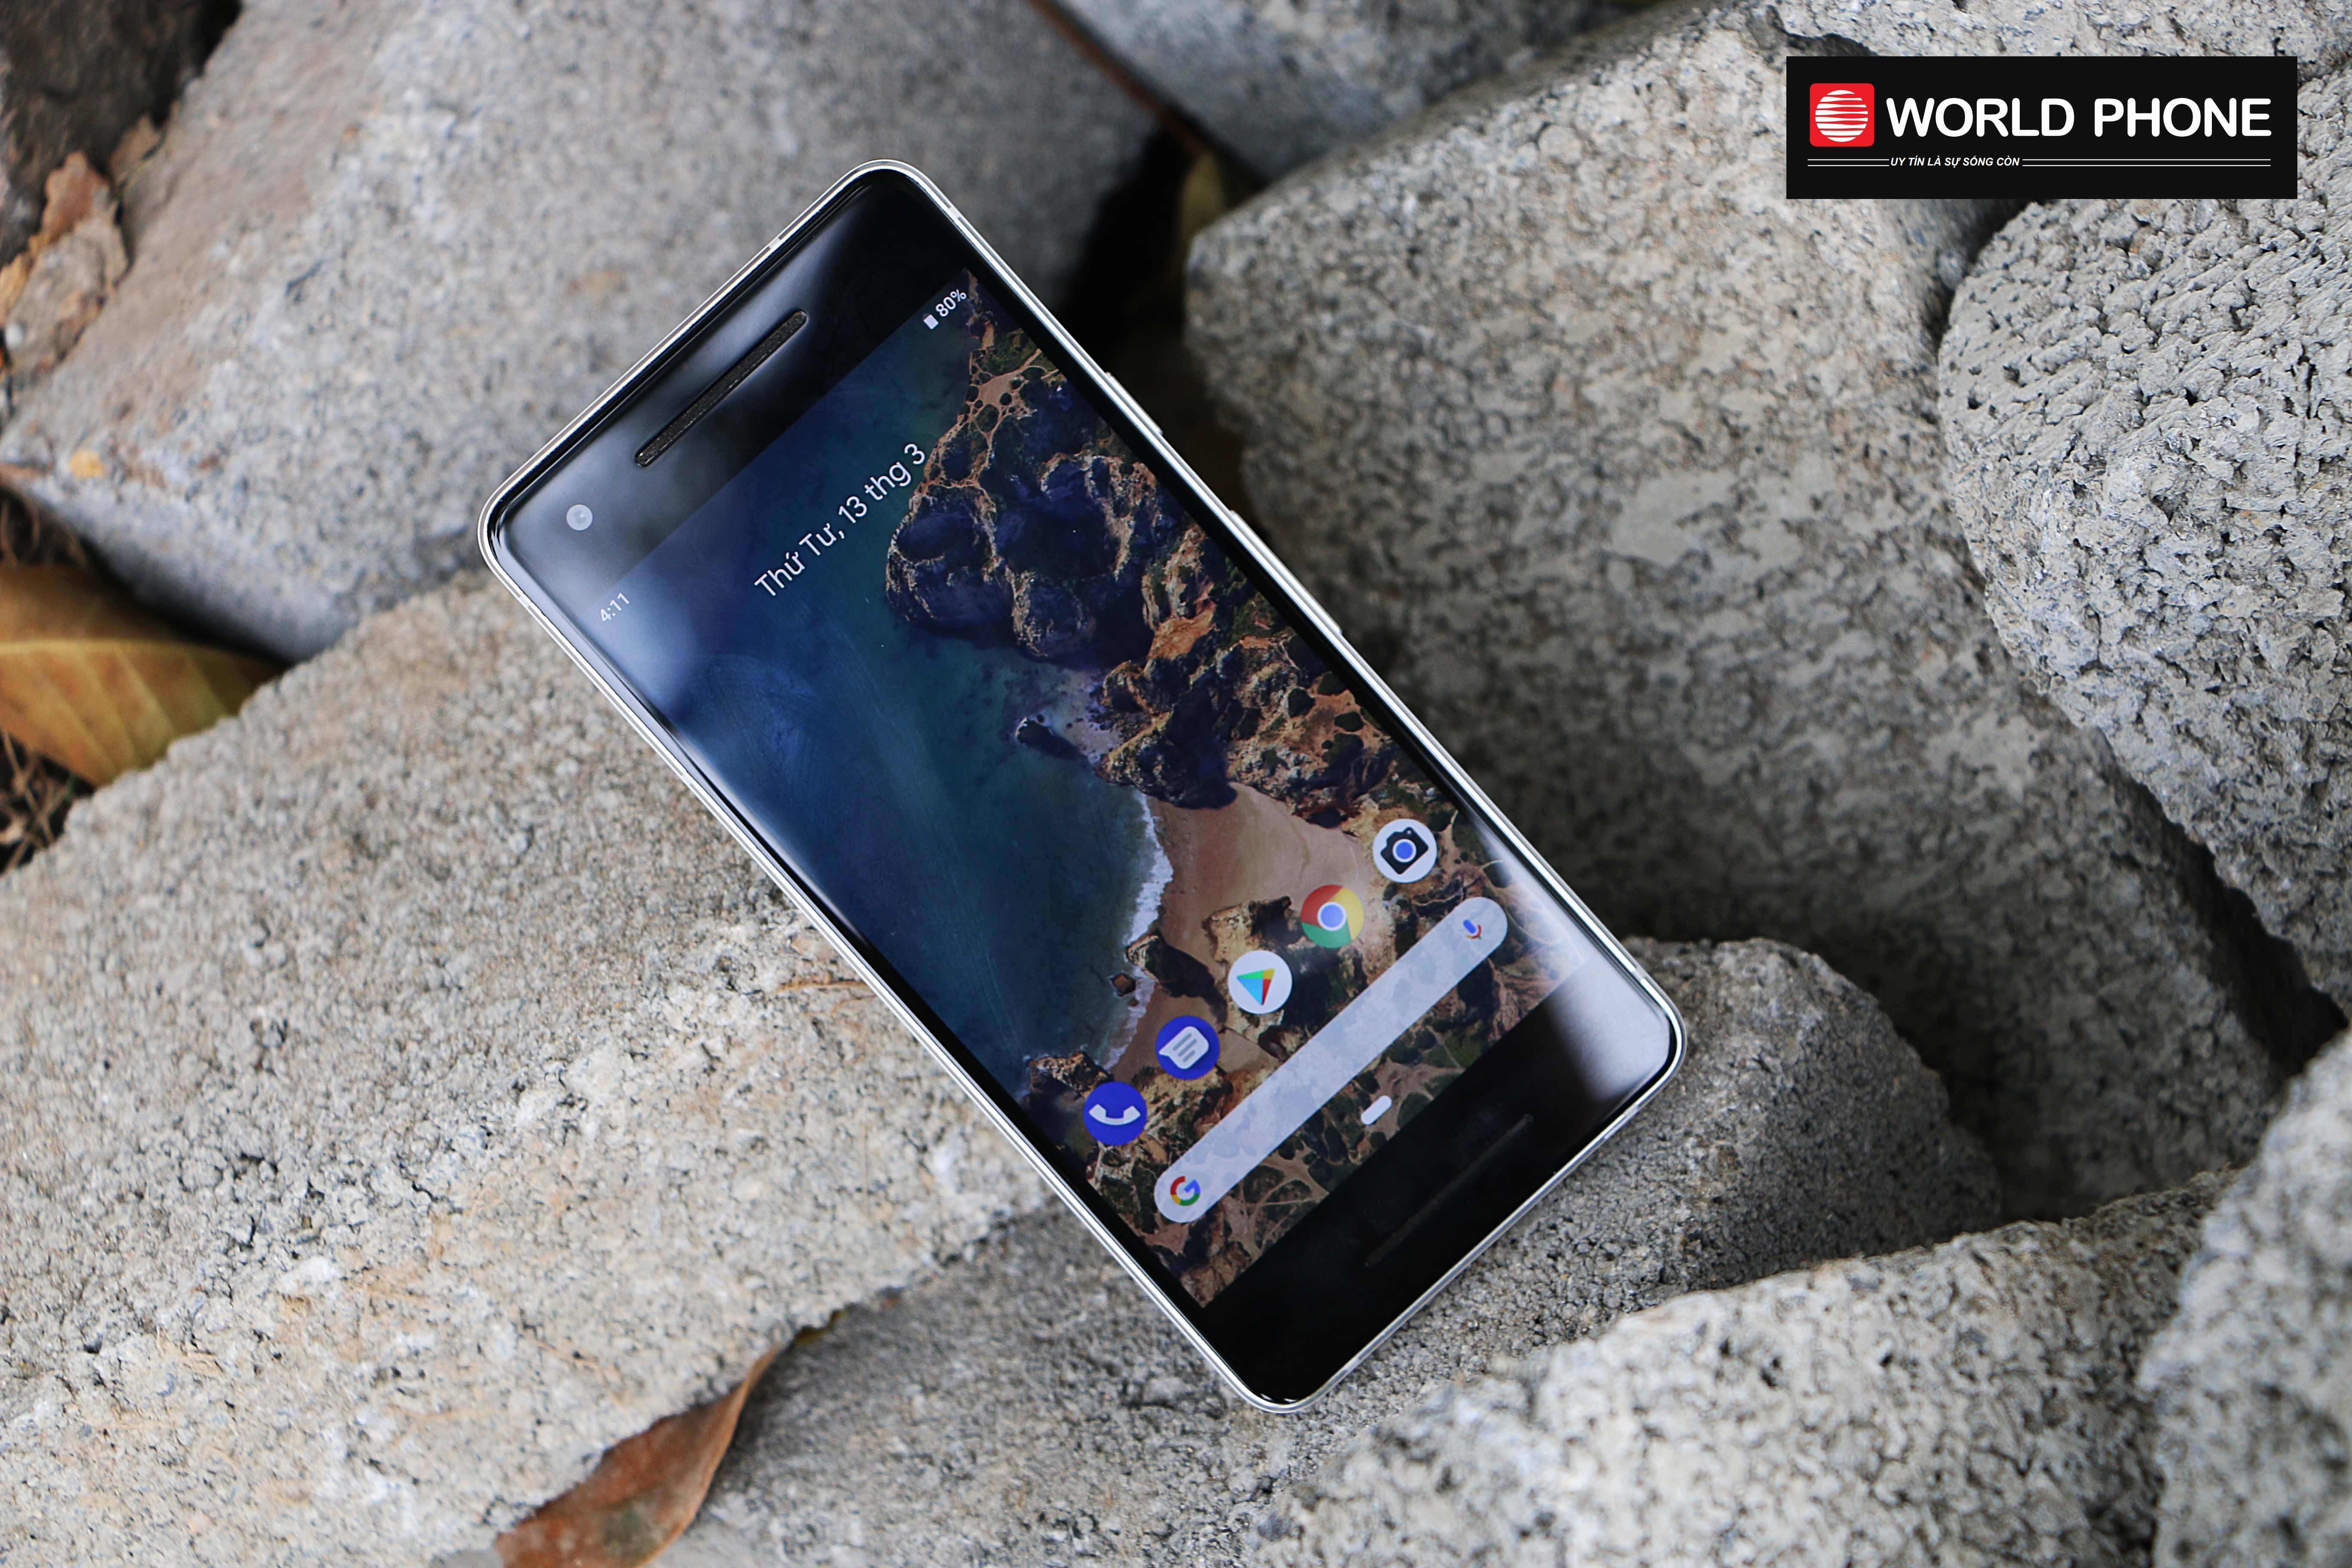 Màn hình hiển thị 5 inches cùng tấm nền AMOLED và độ phân giải Full HD của Pixel 2